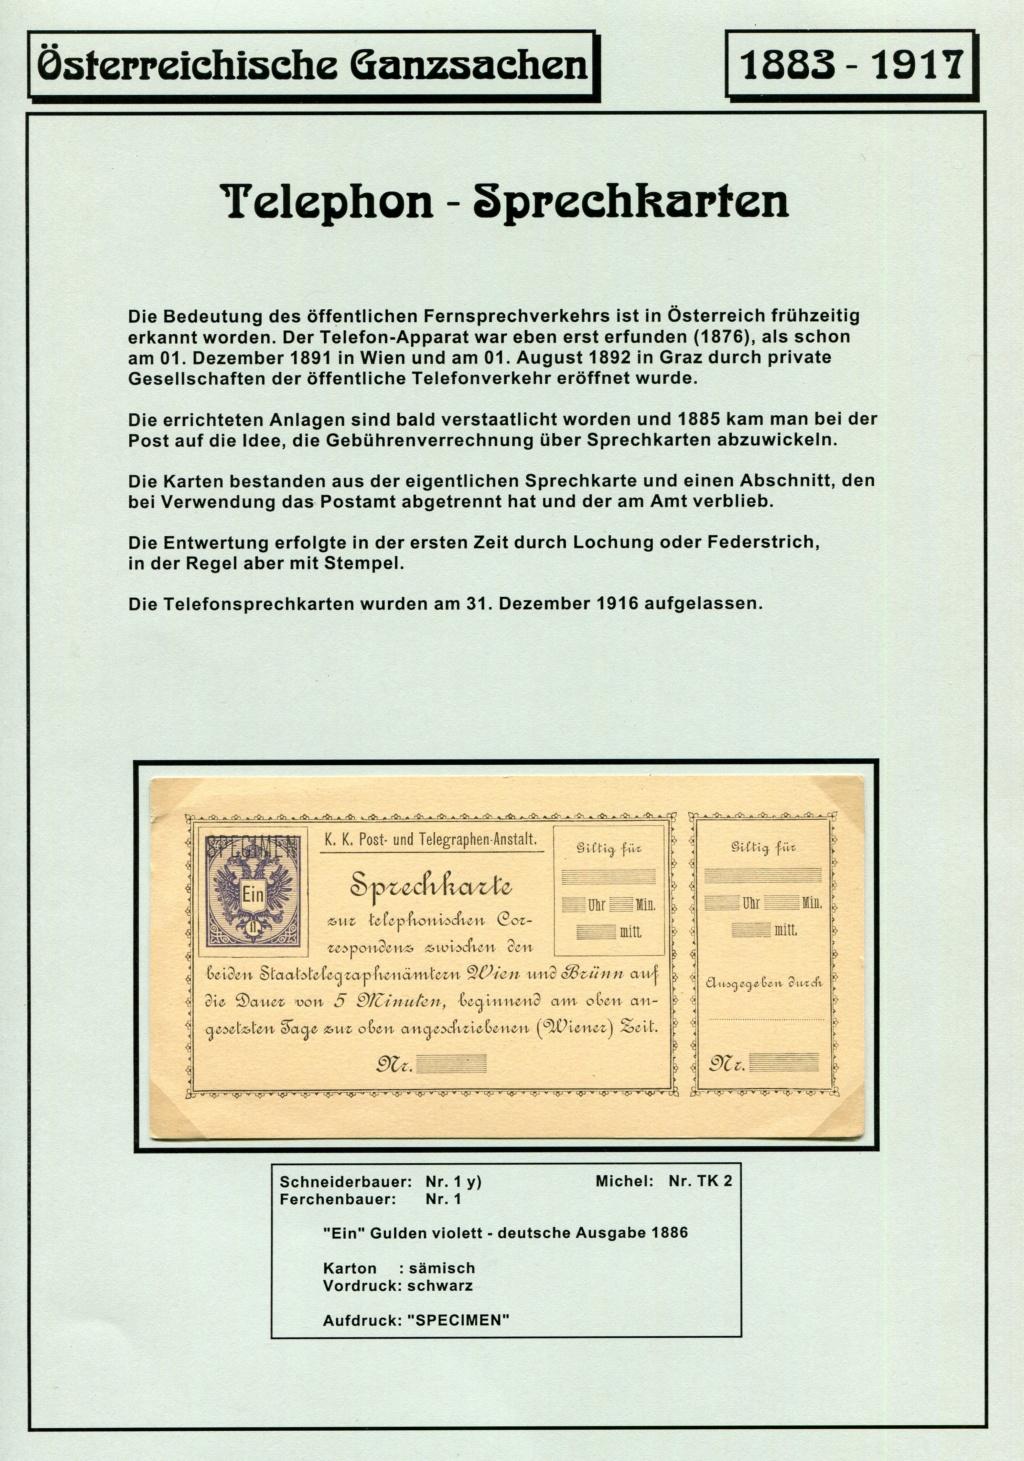 Österreichische Telephon-Sprechkarten - 1883 - 1917 Tel_ka10